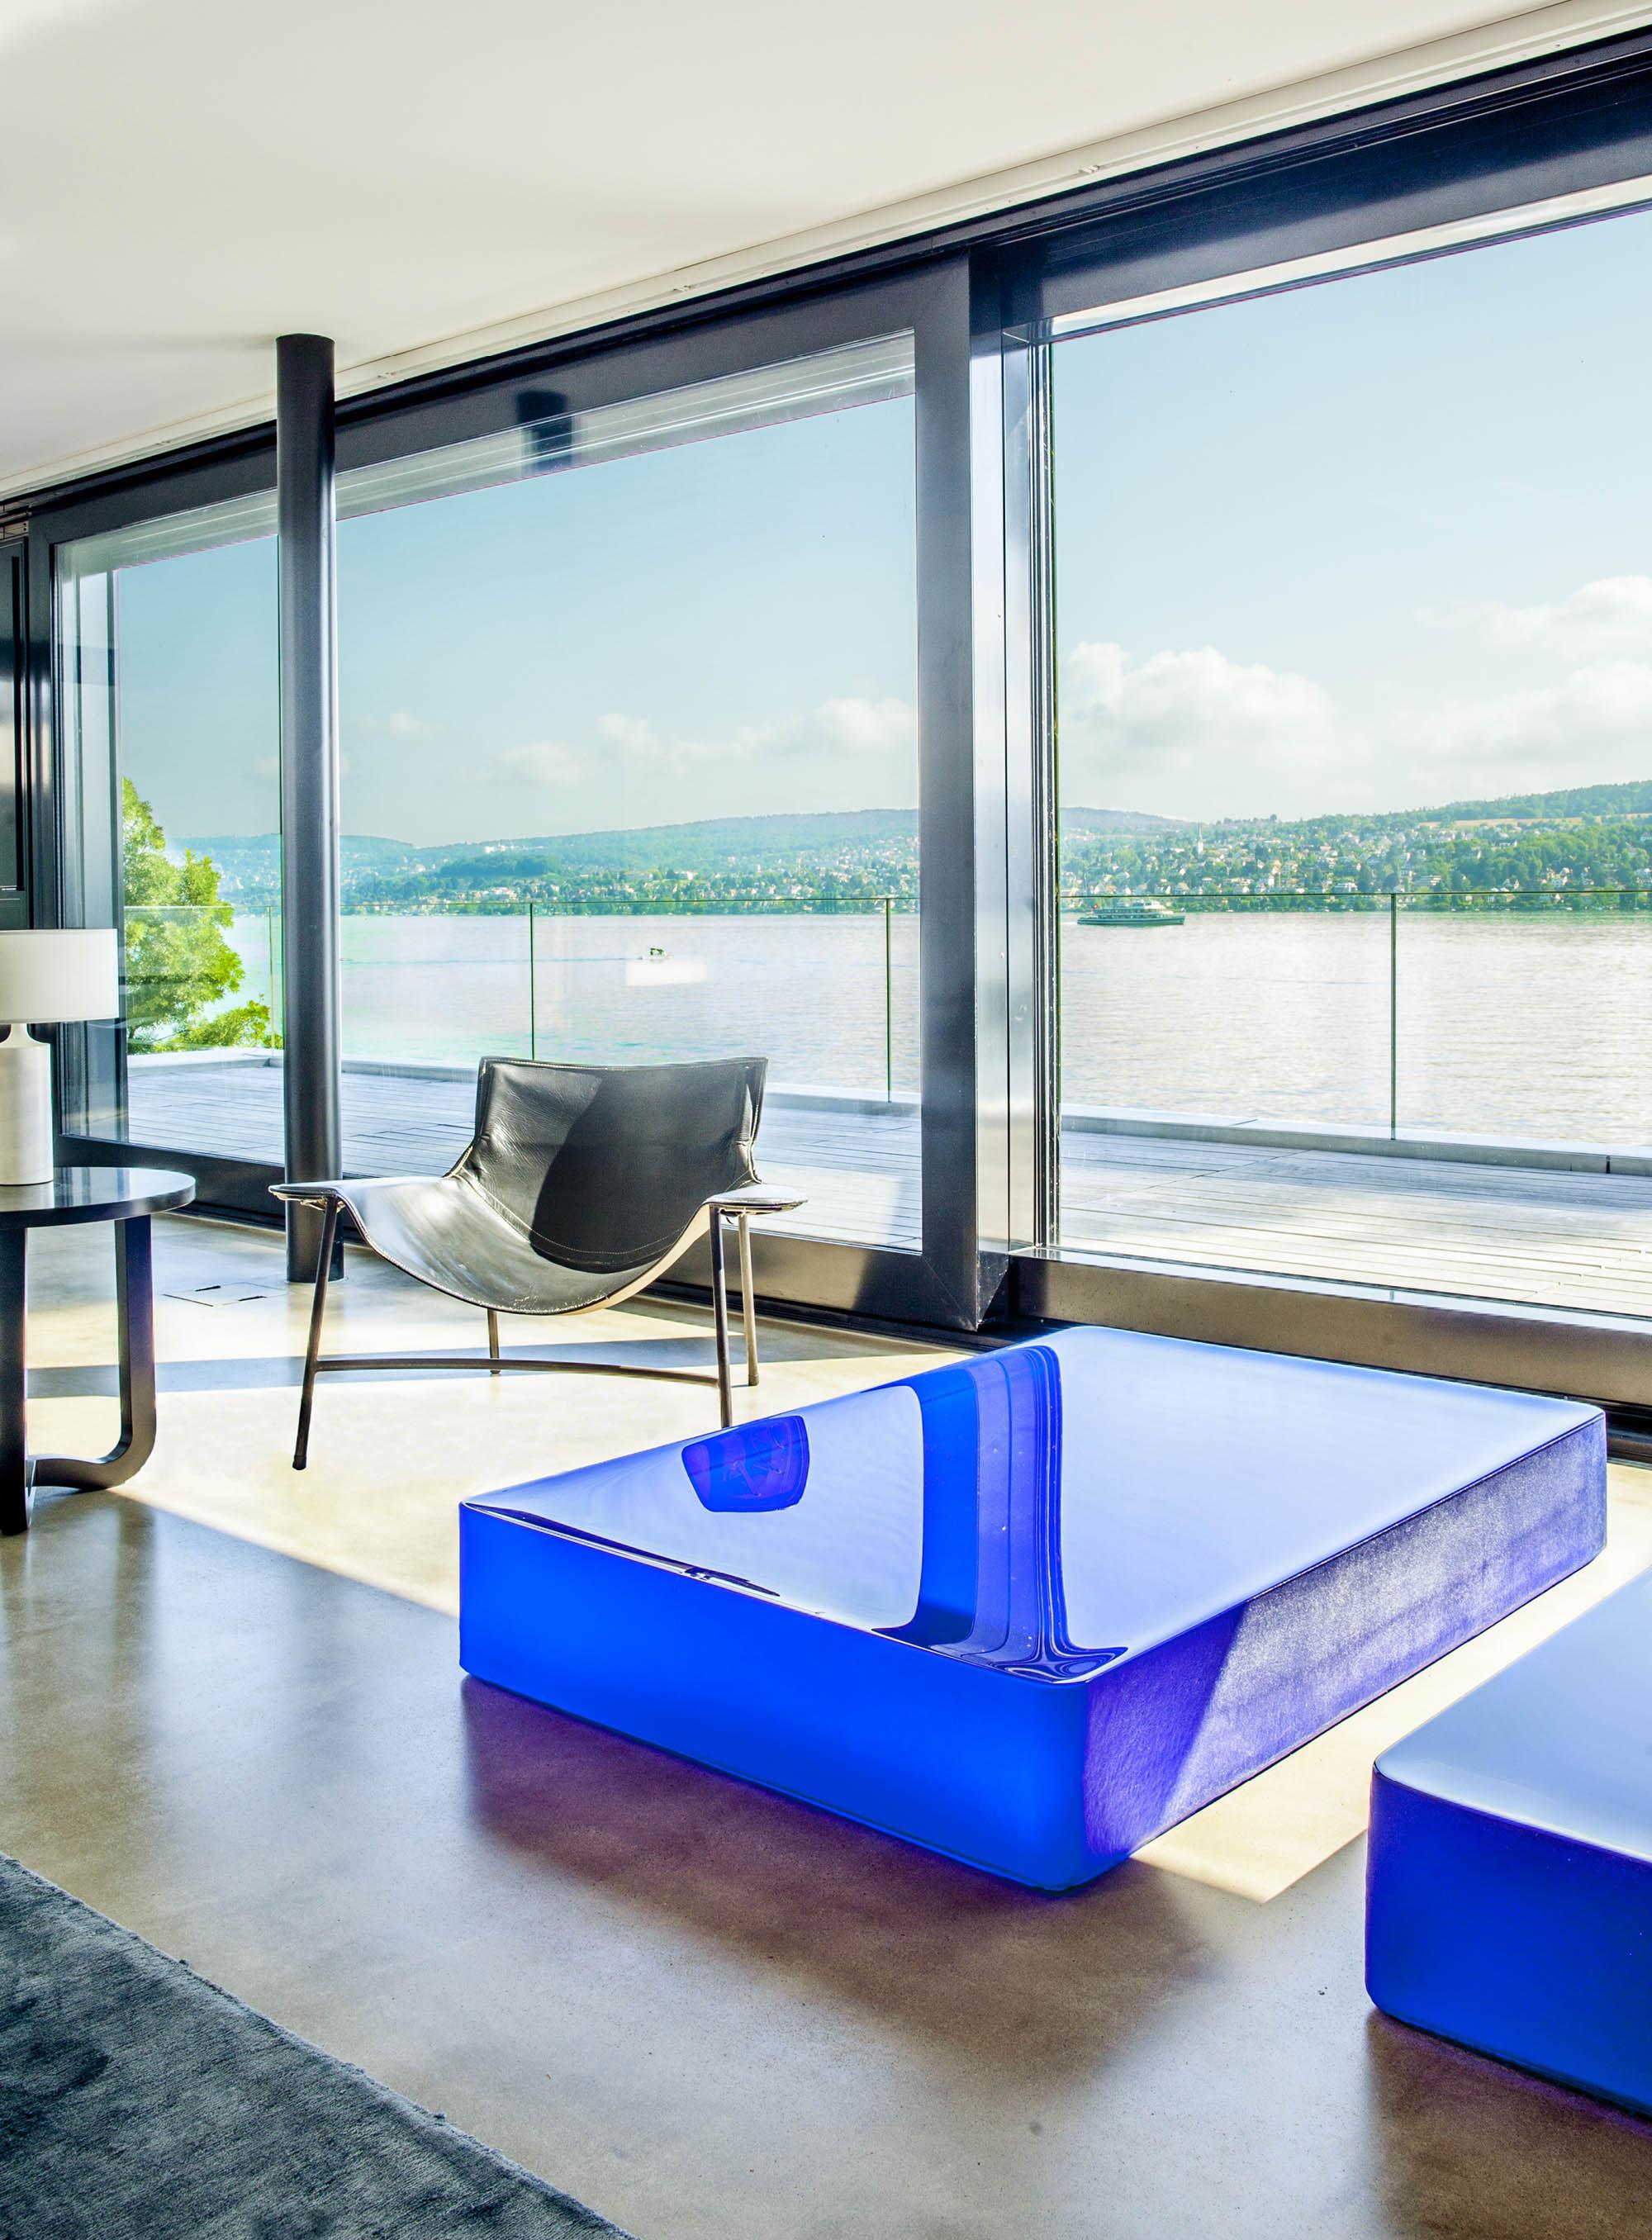 luis_laplace-Kilchberg_Zurich-5